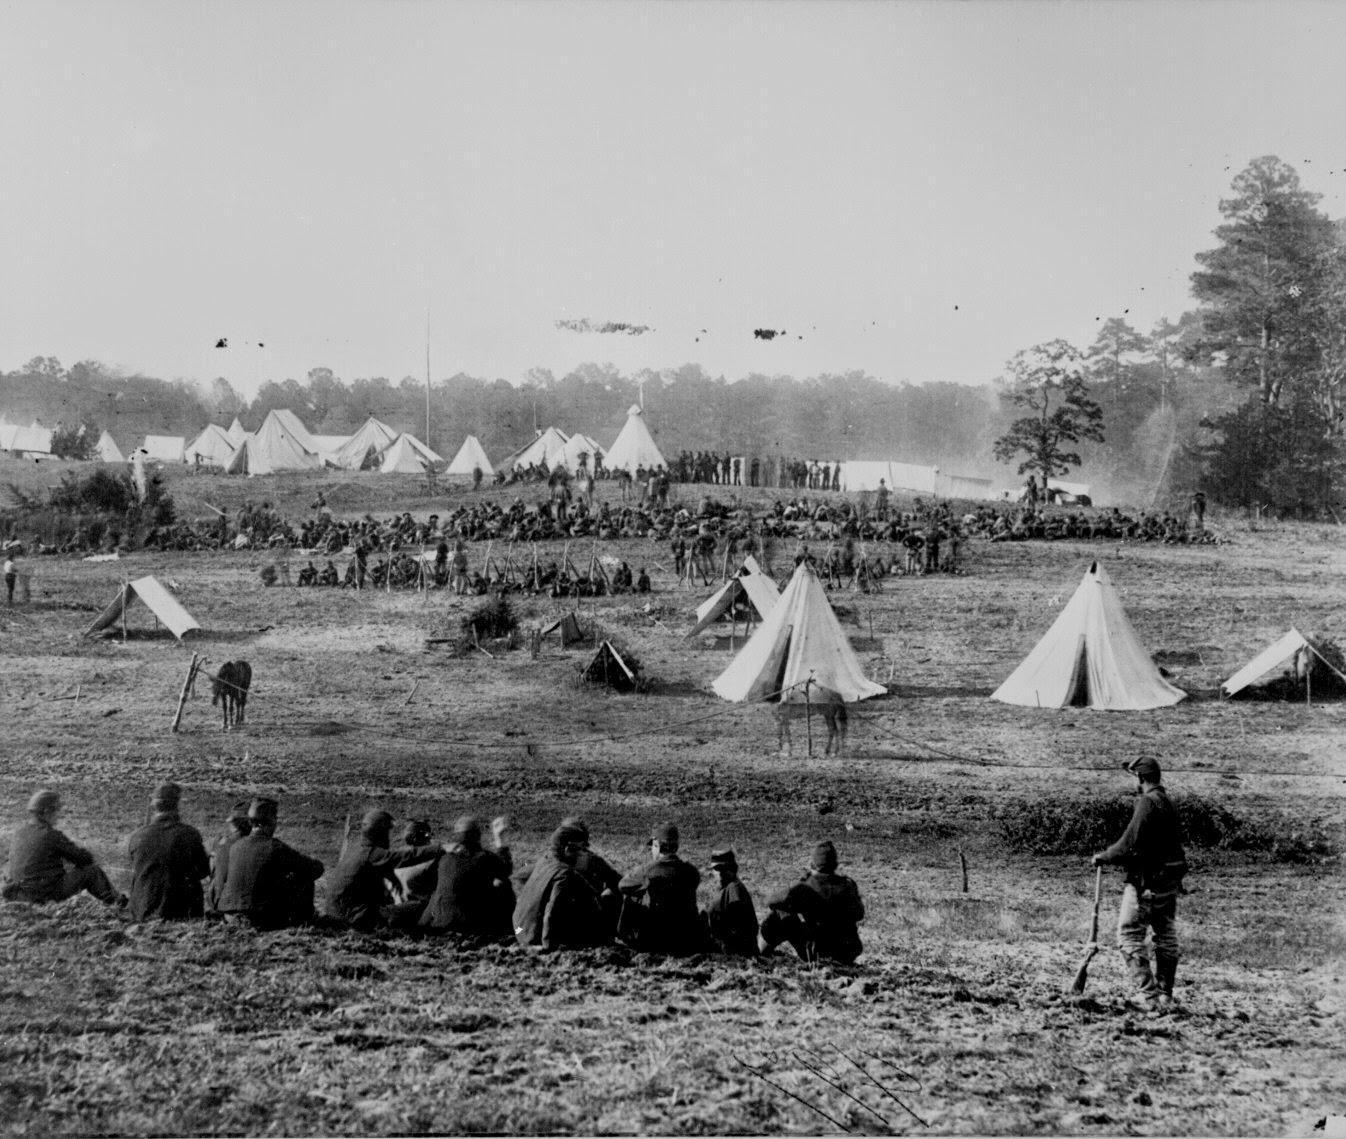 Guerra Civil Estadounidense - soldados confederados capturados